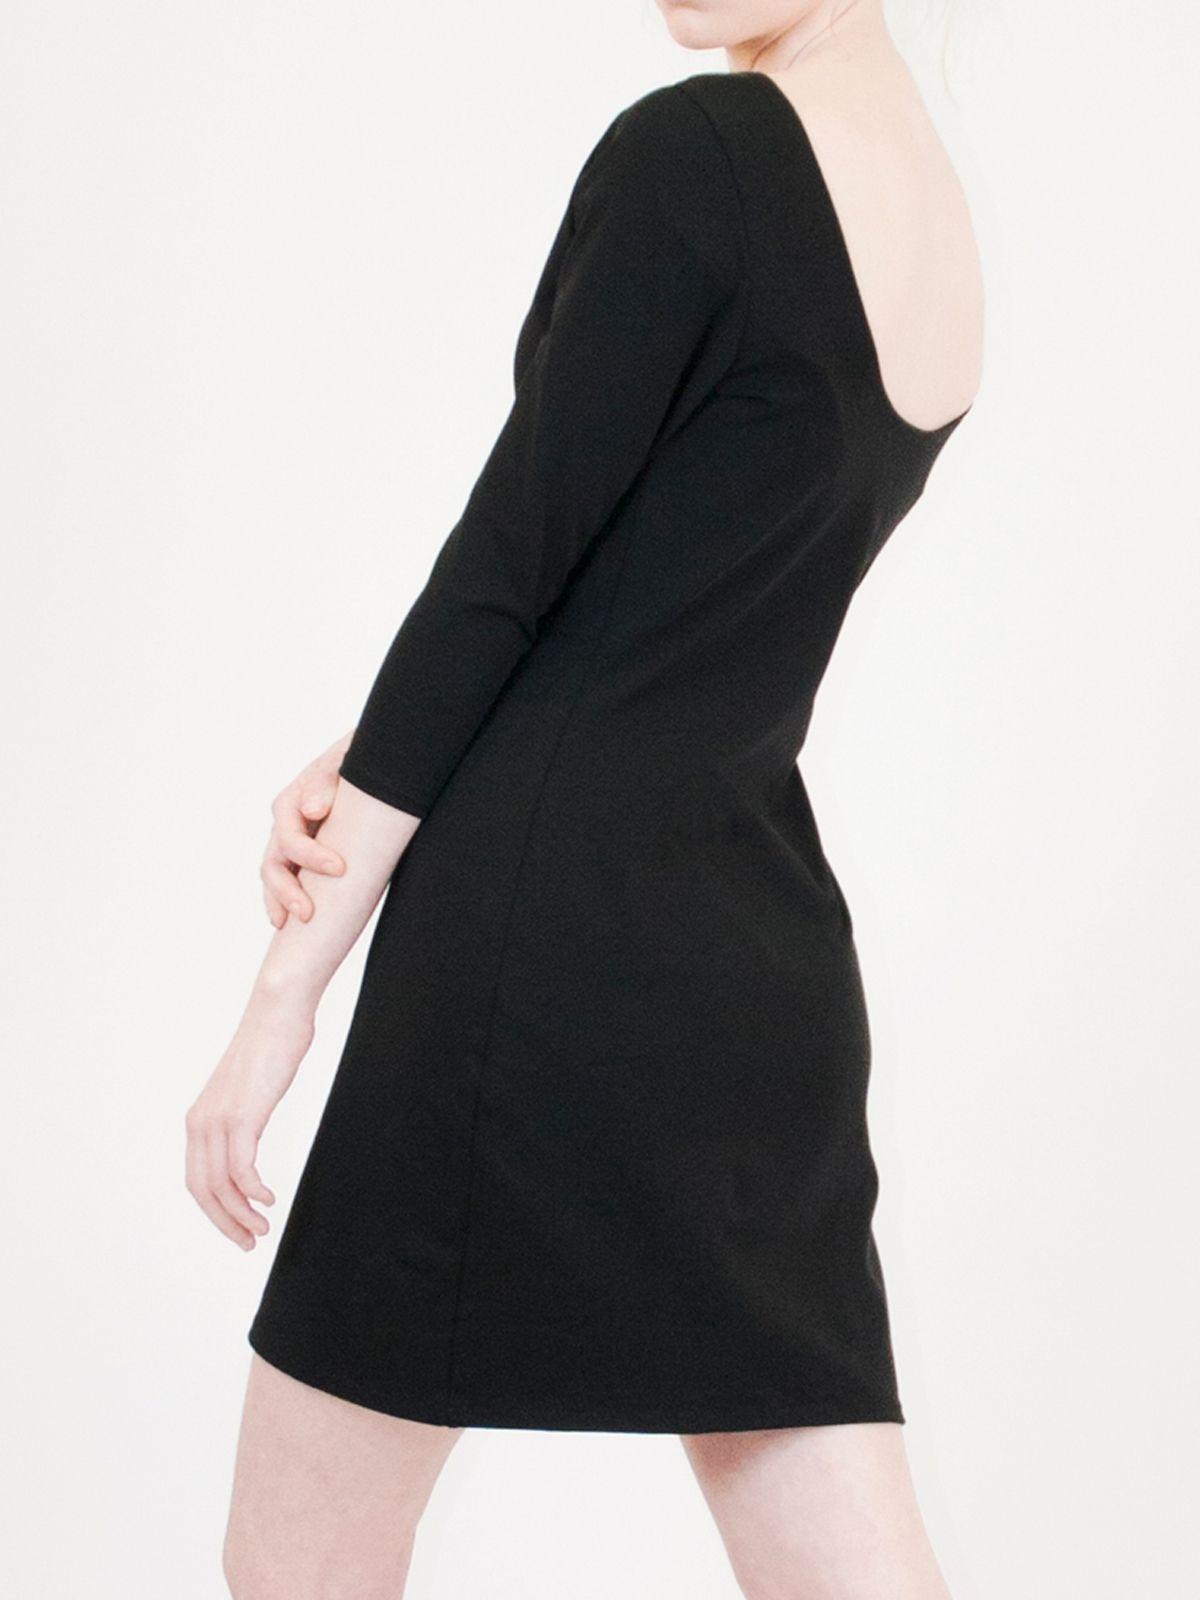 Robe moulante noire en coton